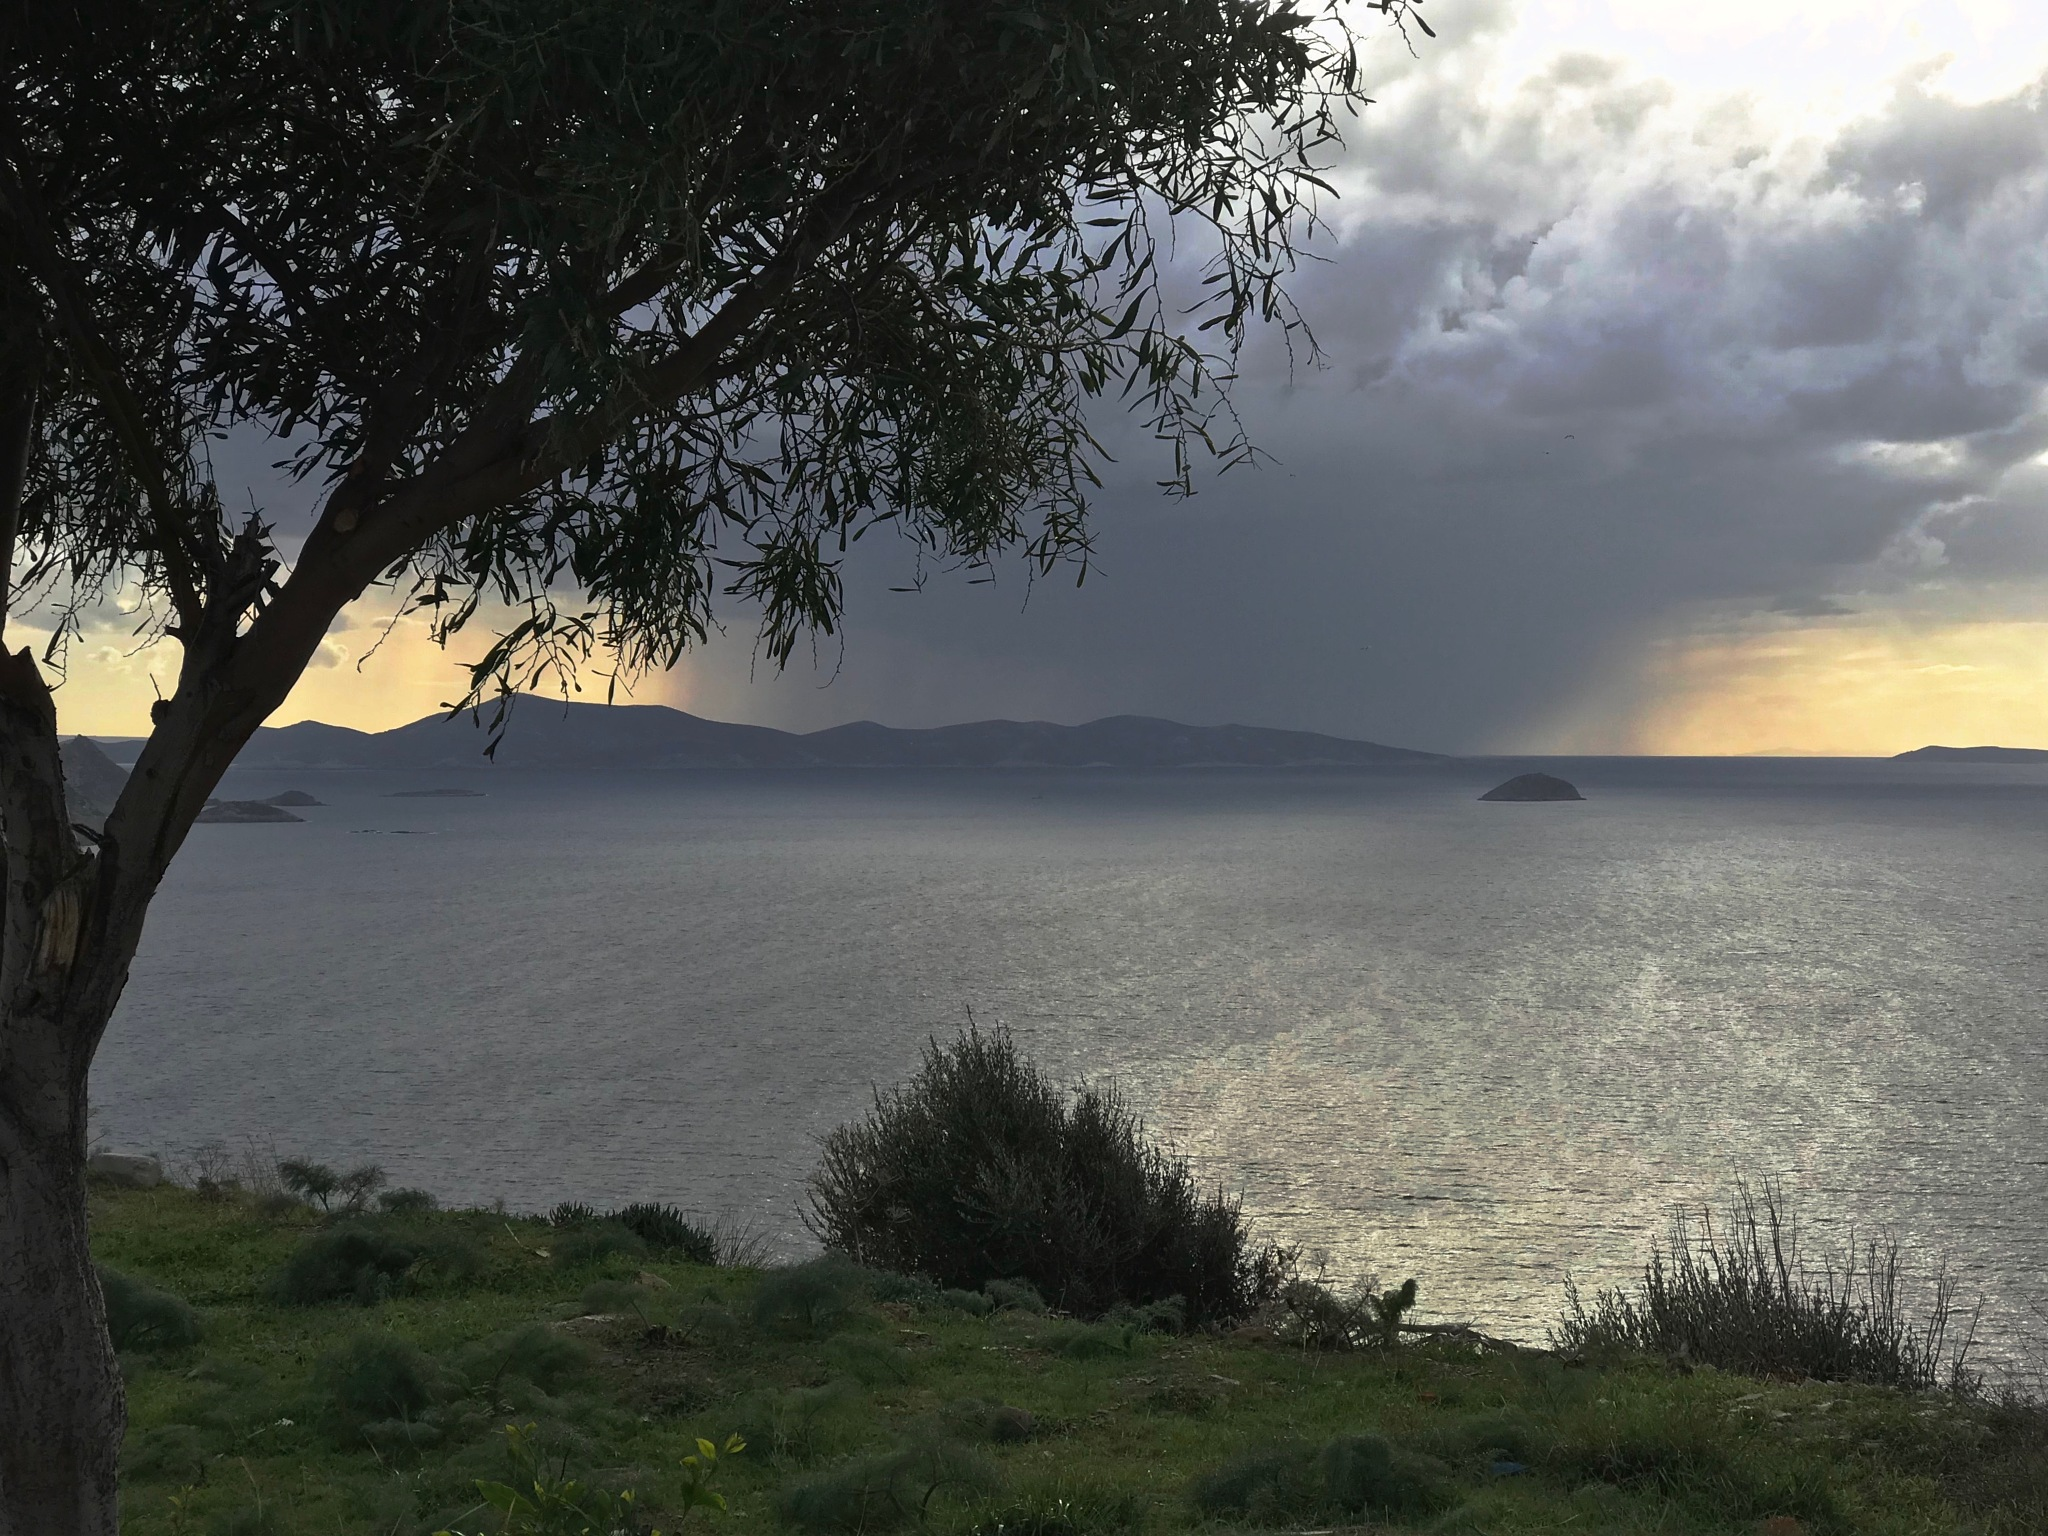 Approaching Storm by Atilla Hunal